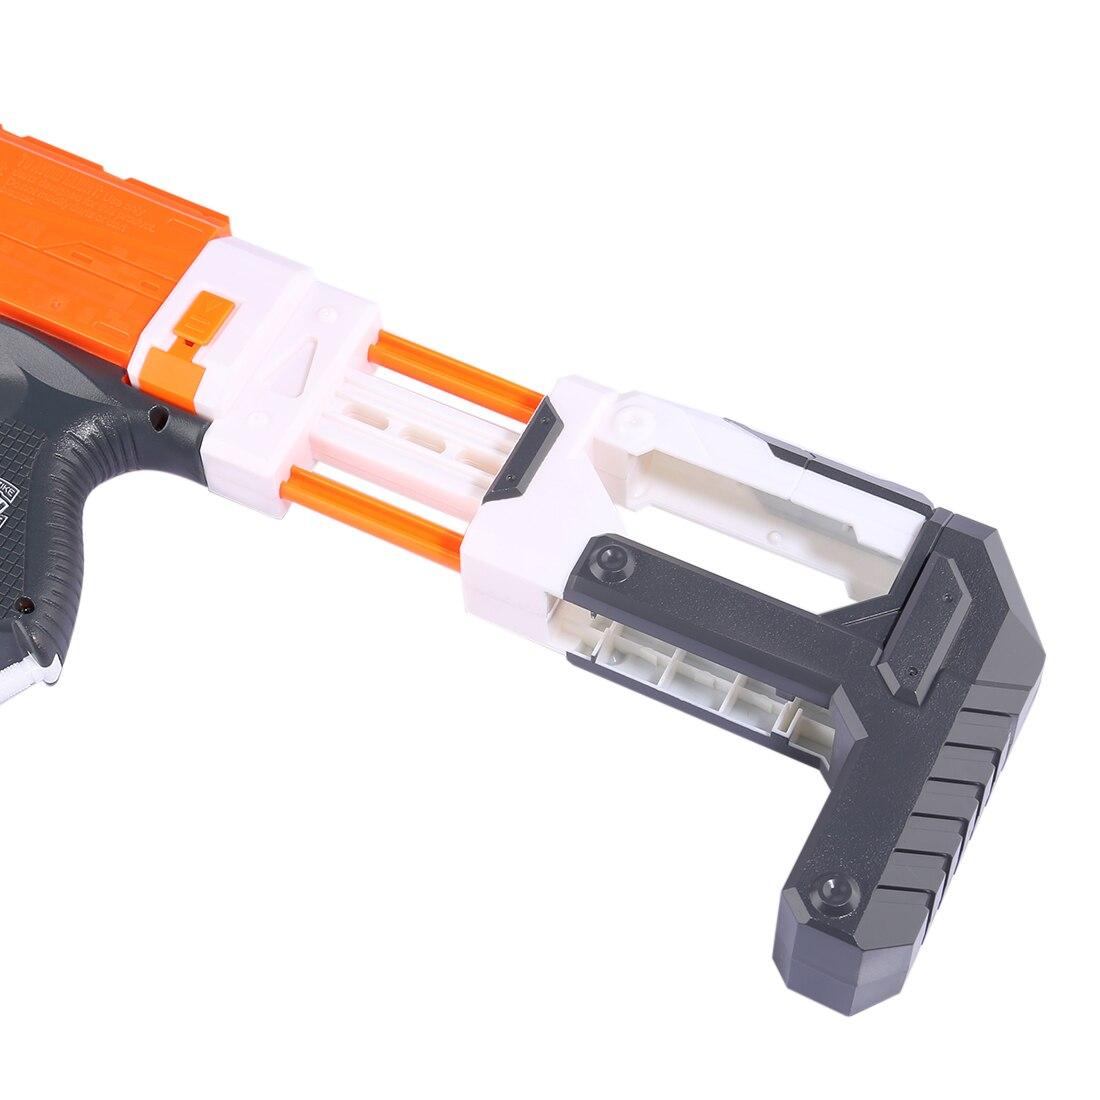 Abs modificado embutido tipo cauda estoque para nerf n-strike elite series-laranja + cinza